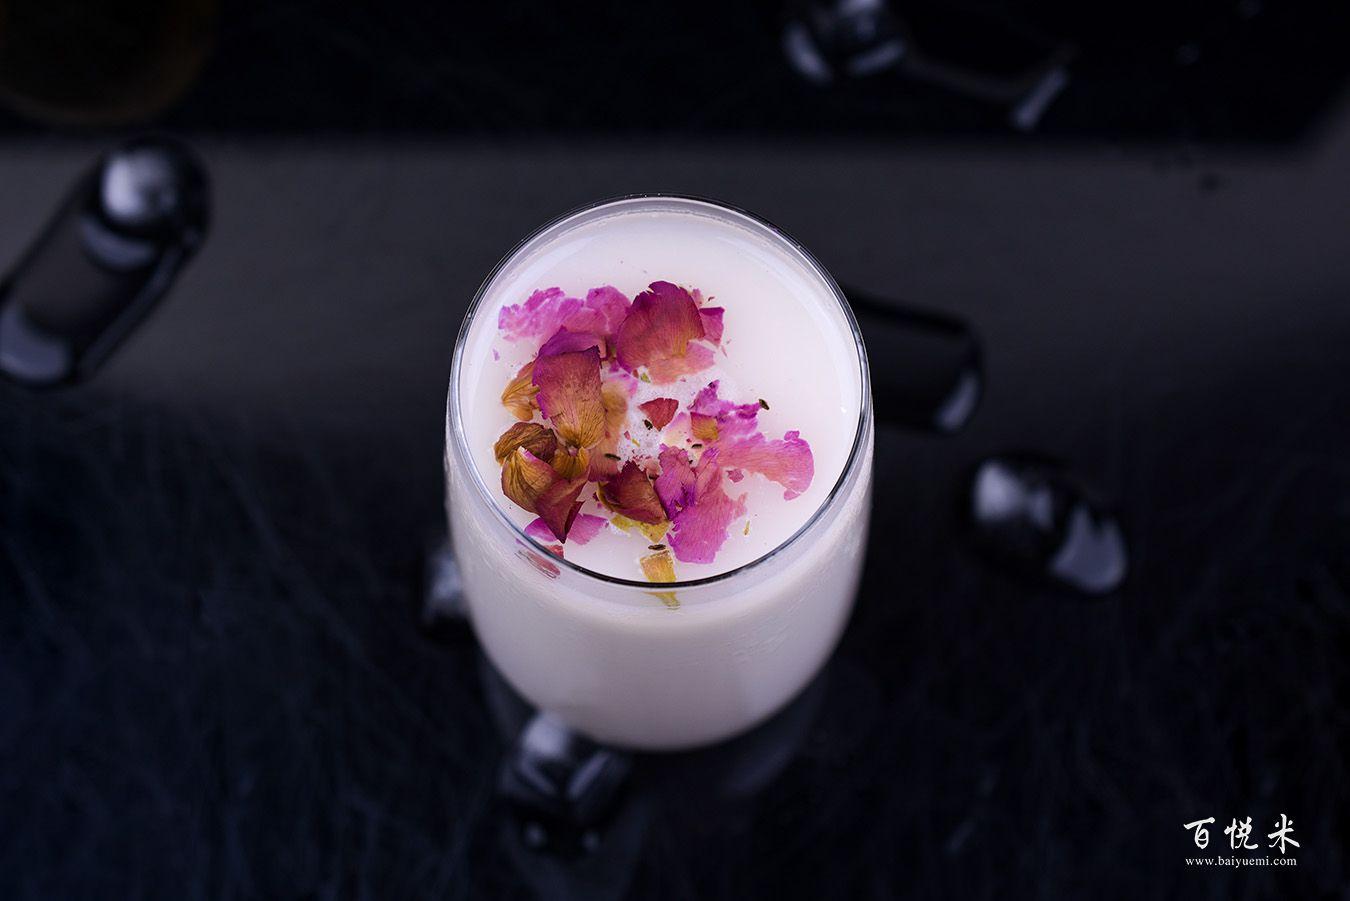 玫瑰奶茶高清图片大全【蛋糕图片】_1193